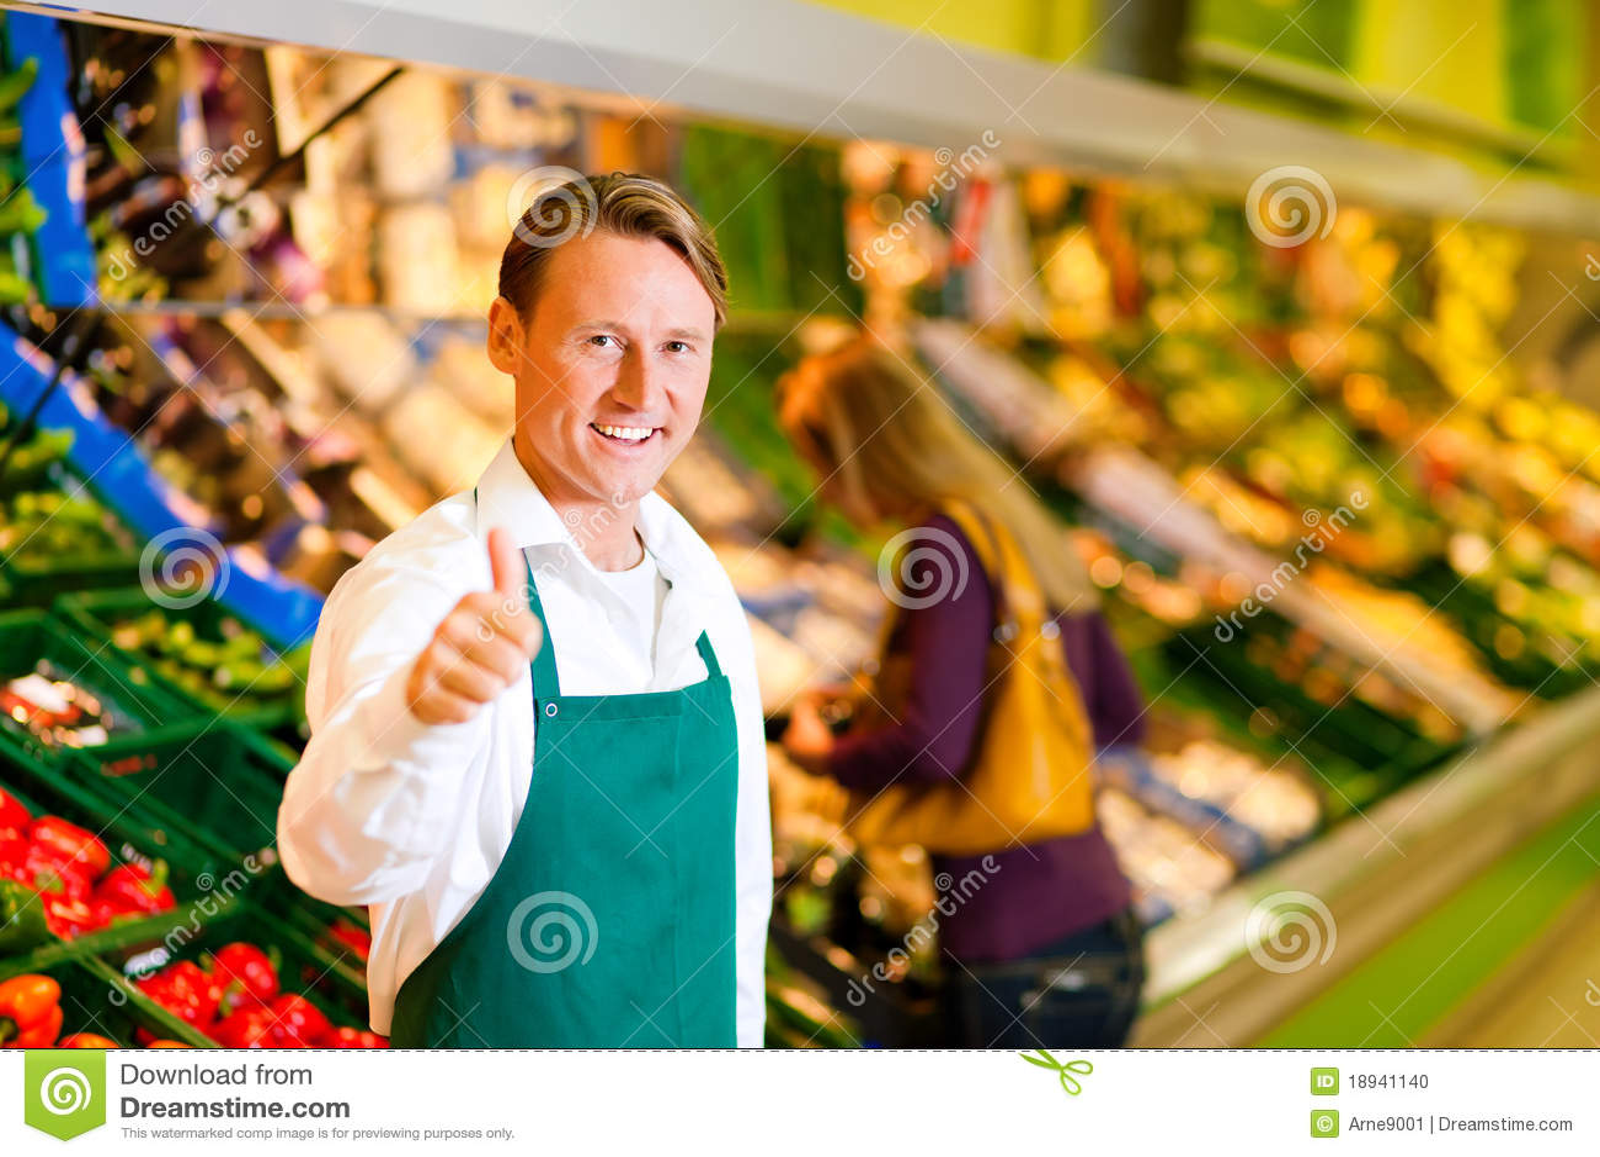 Uomo in supermercato come assistente di negozio